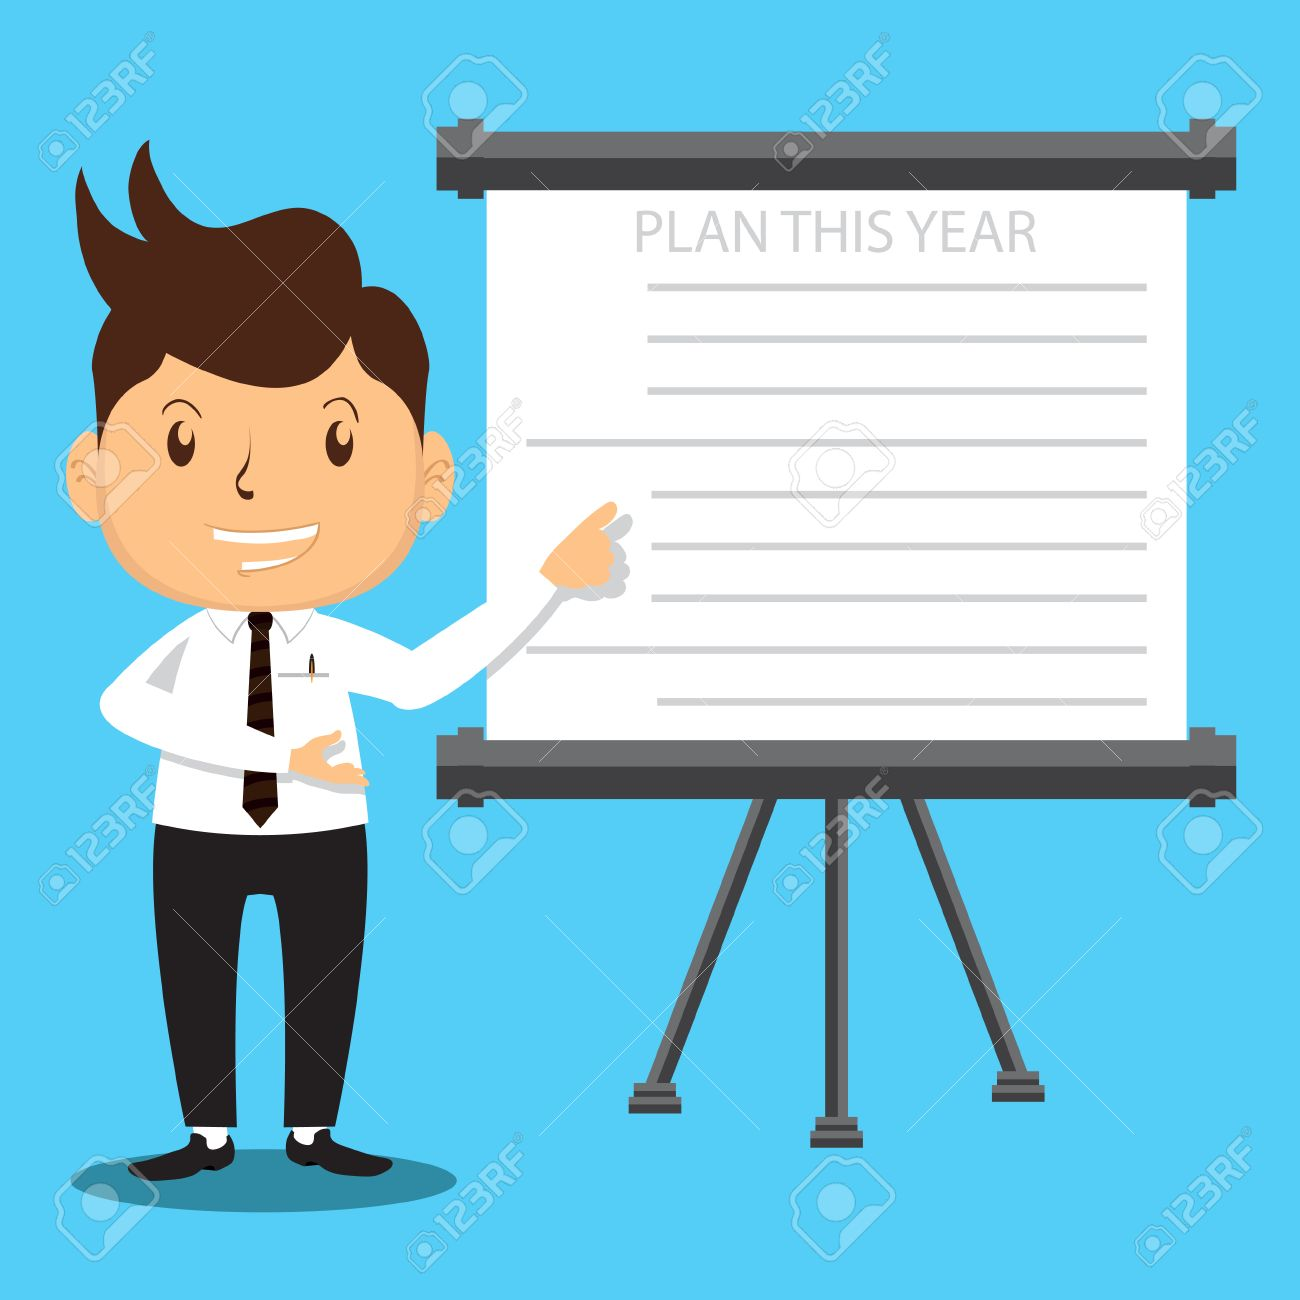 c3dc48c8fc4fc4 Banque d images - Cartoon Bureau Man Personnage la présentation de son plan  d entreprise à réussir sur les ventes ou Projet